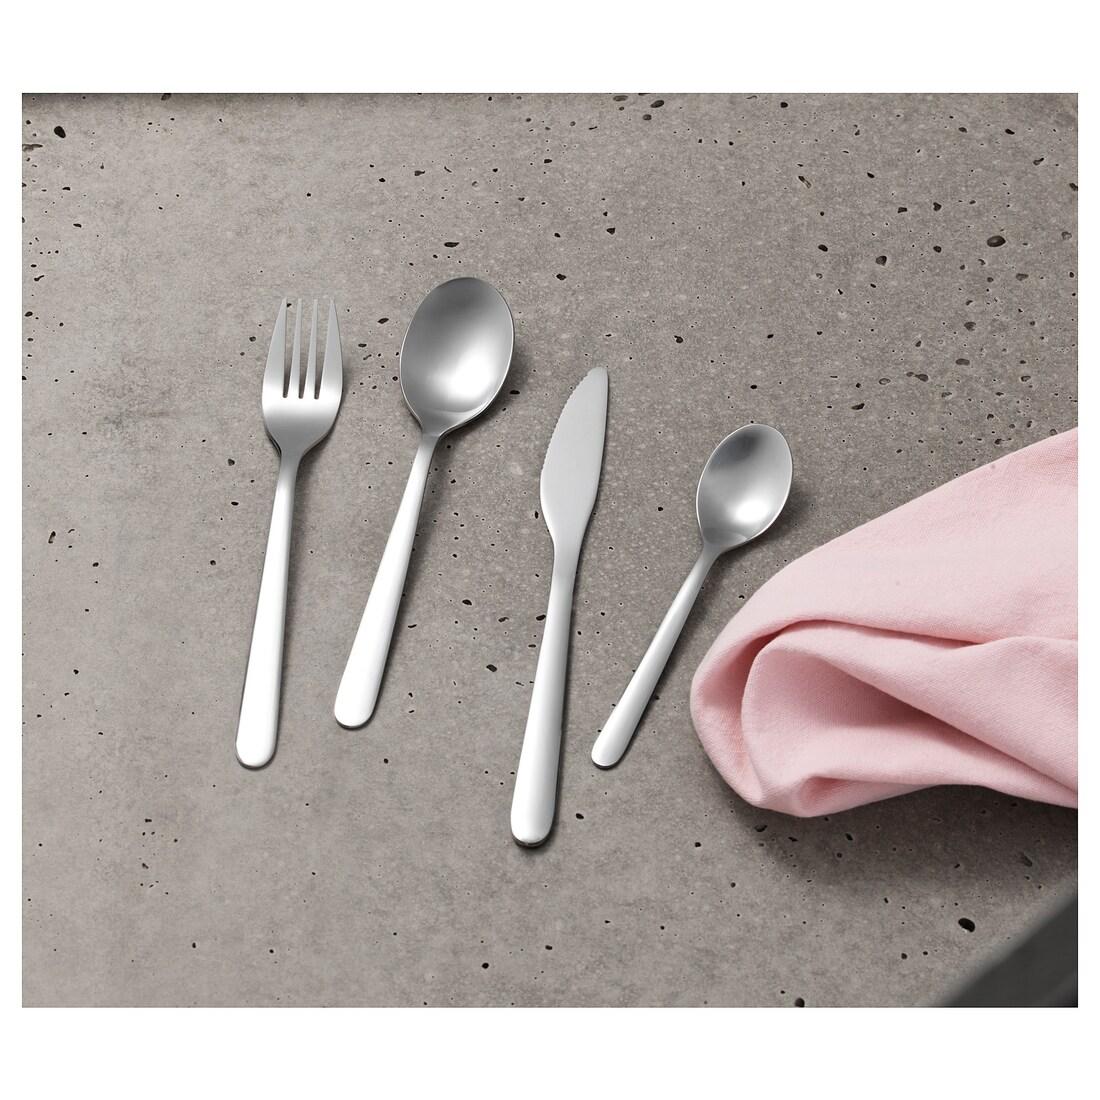 ايكيا طقم أدوات تناول الطعام معدني سادة 4قطعFÖRNUFT متجر 15 وأقل